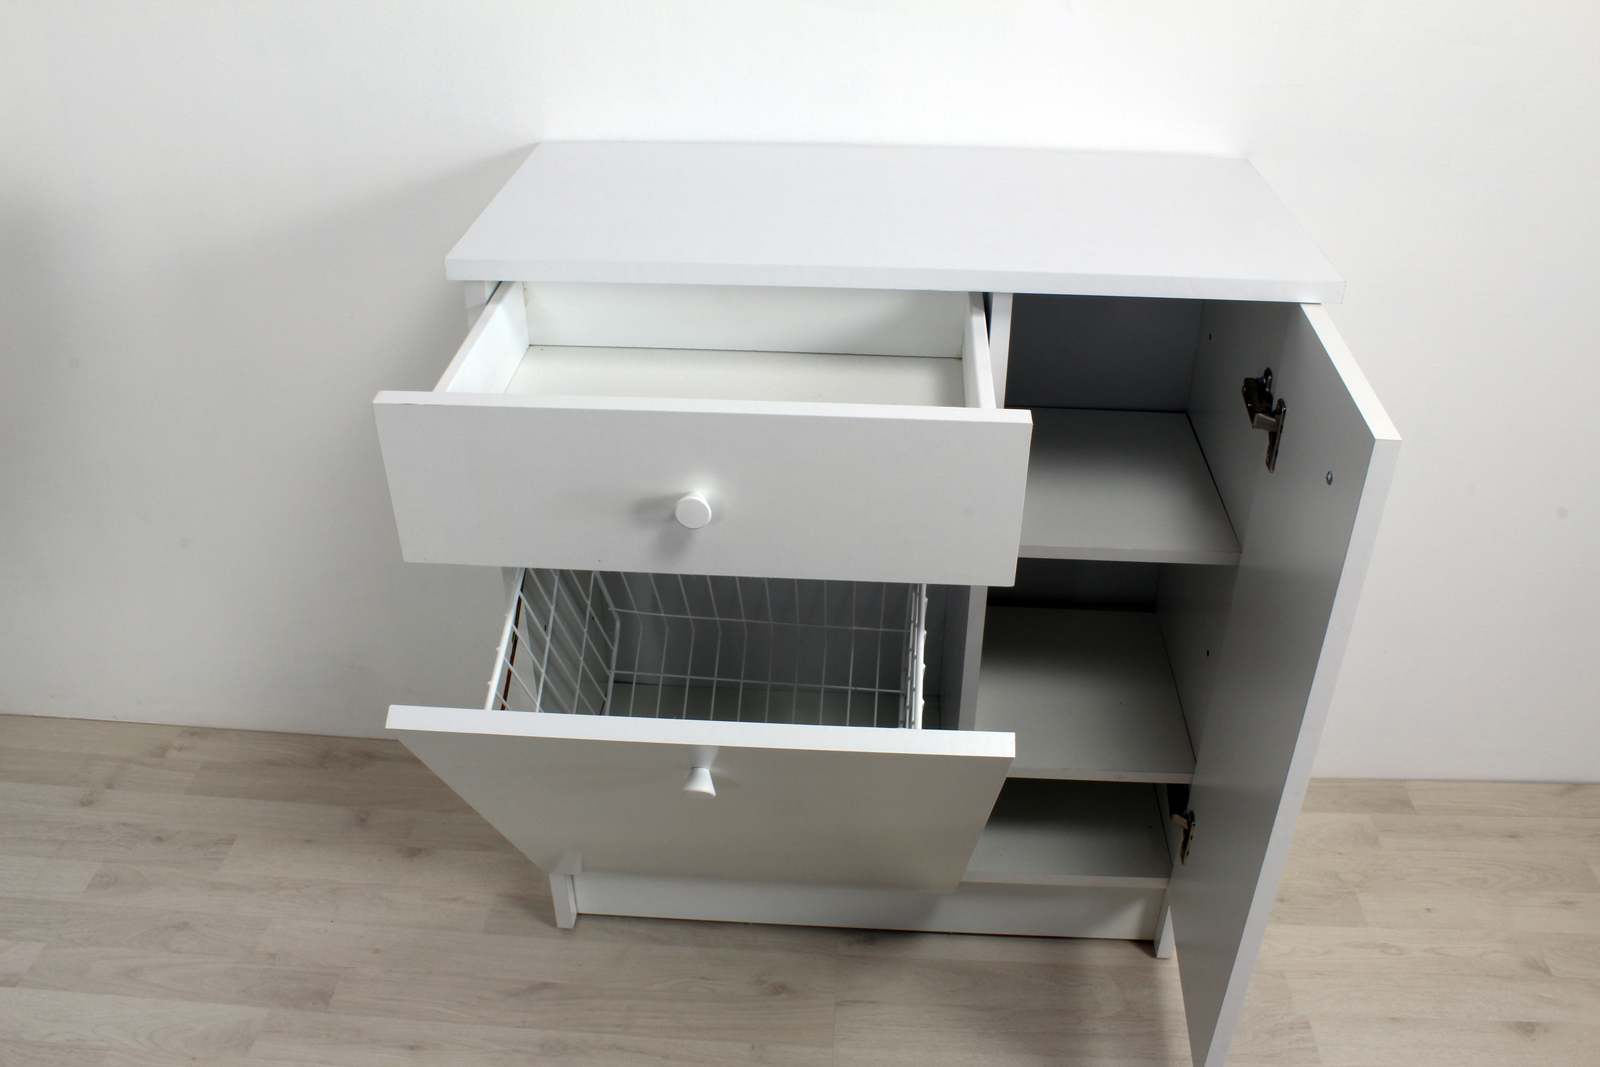 Mobile con ripiani e cesto porta biancheria floreale - Biancheria bagno ...